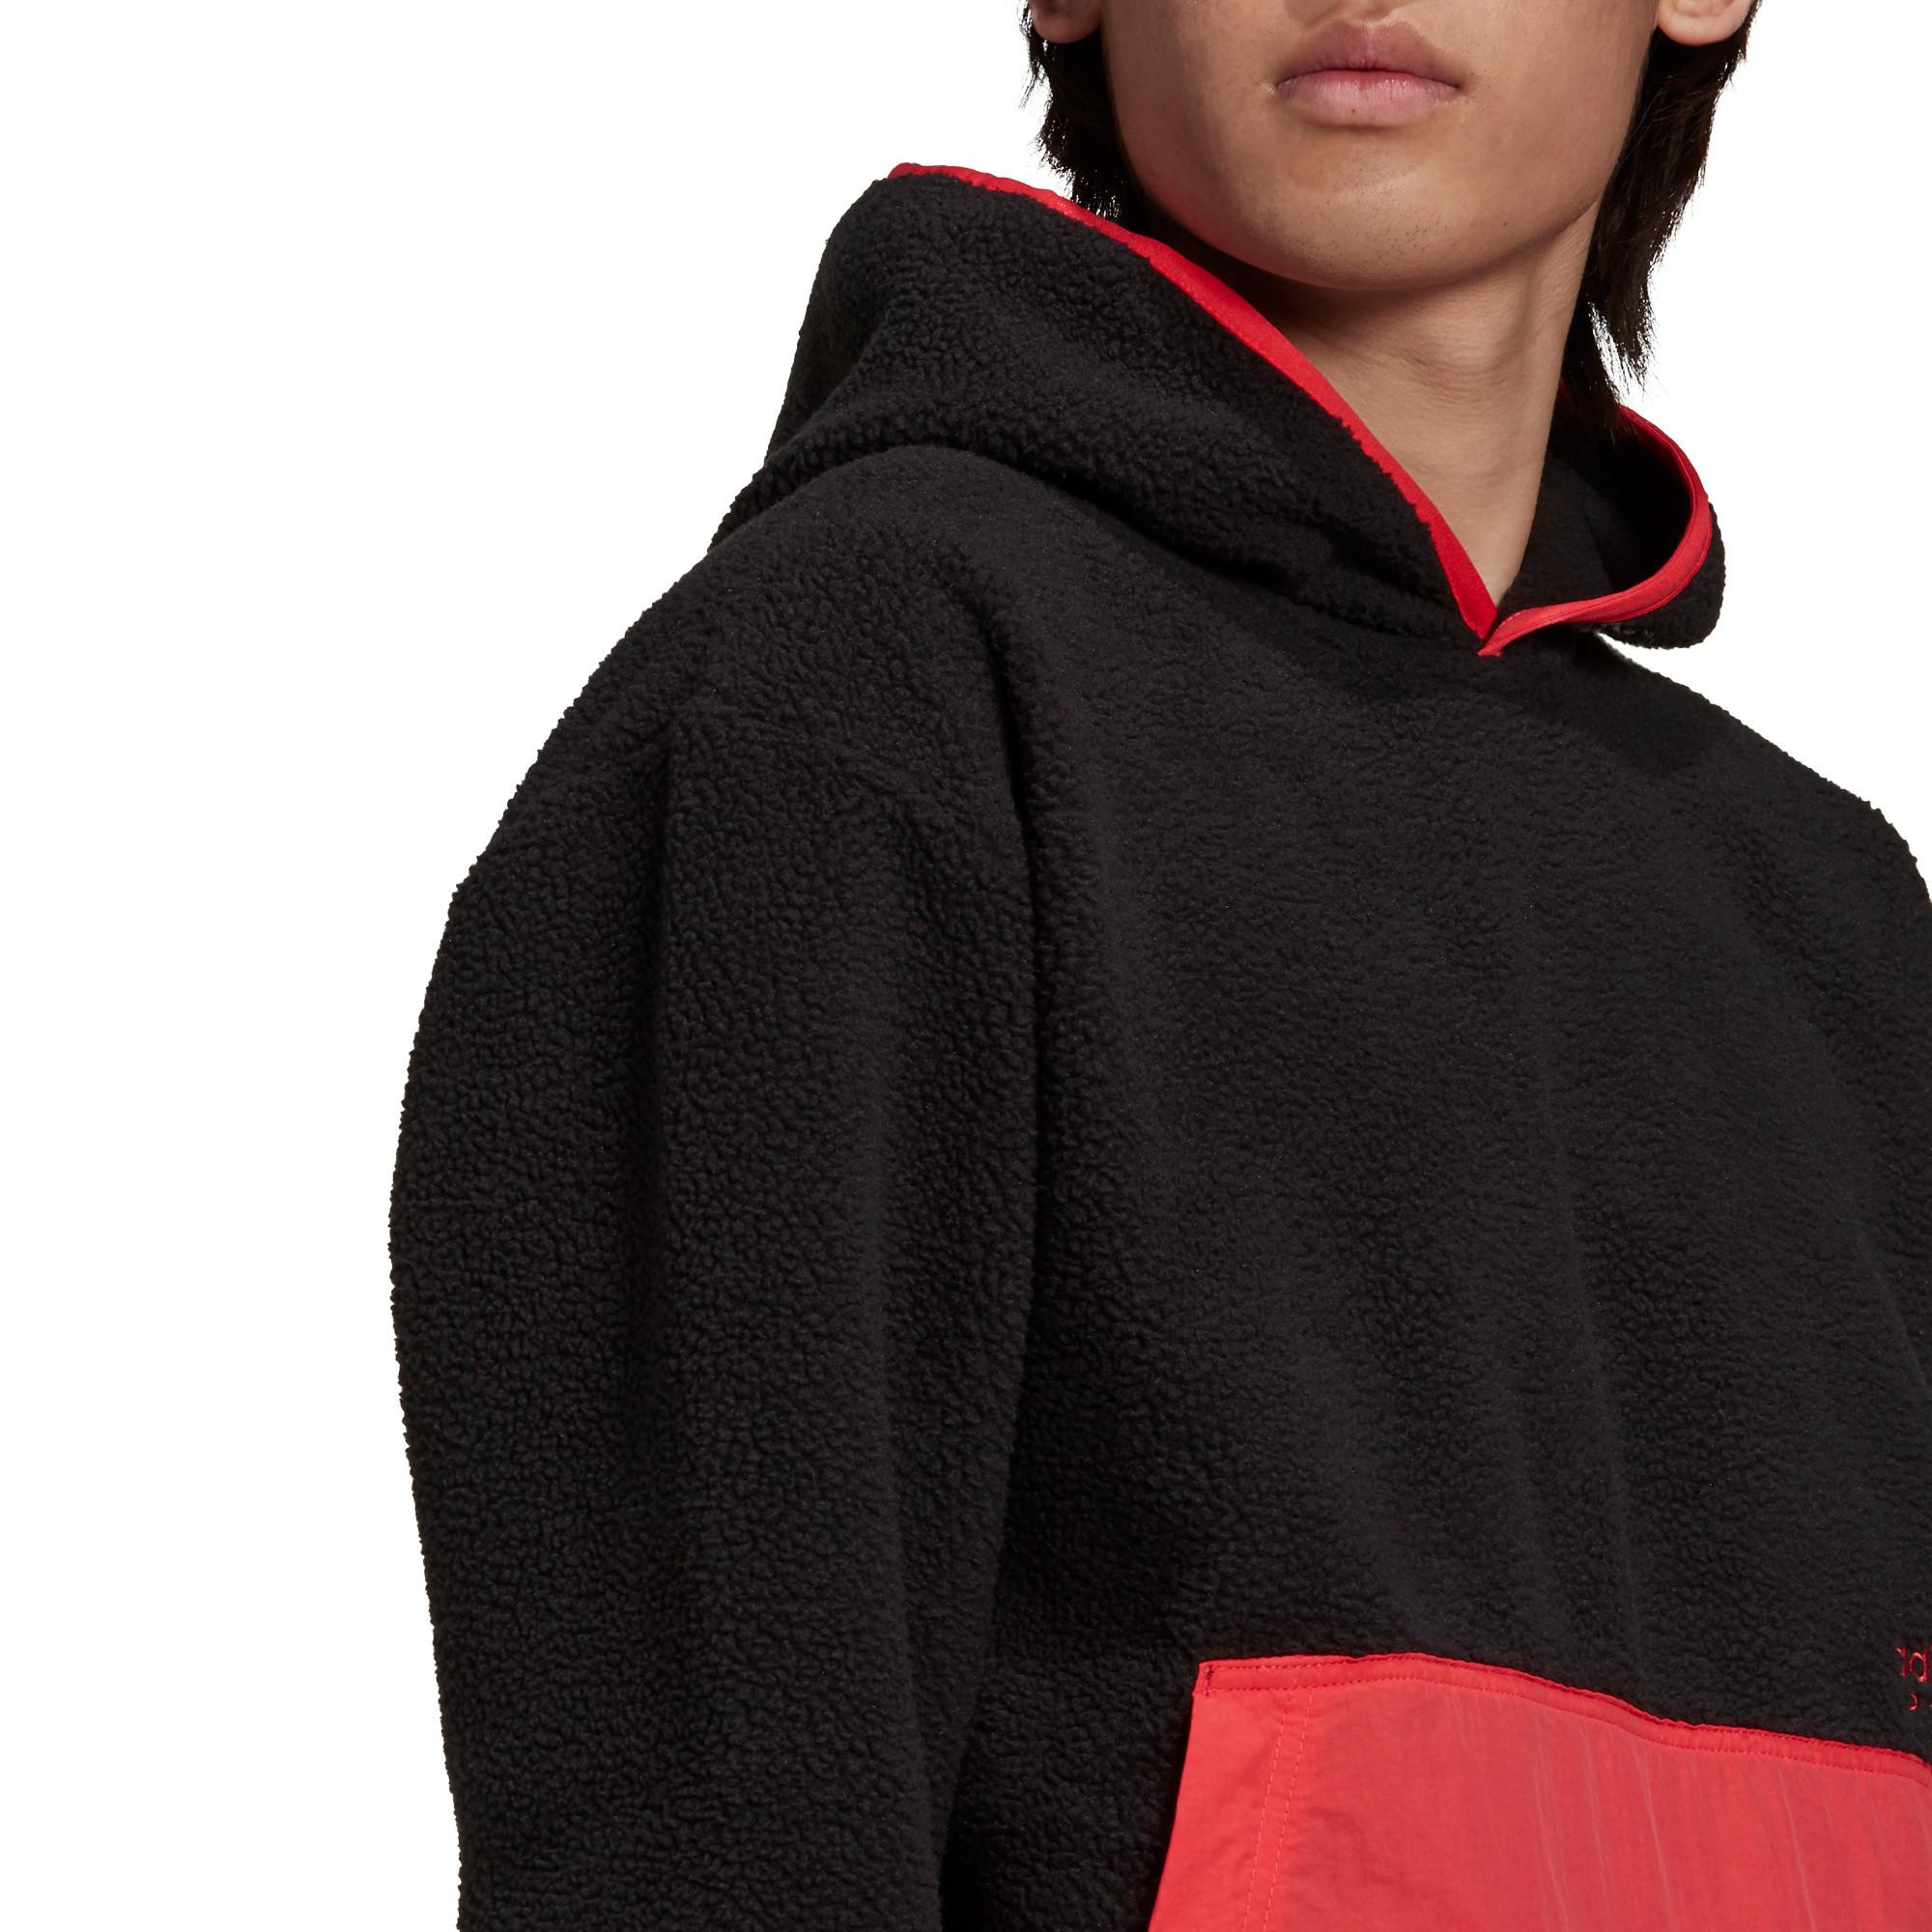 Felpa con cappuccio adidas Adventure Polar Fleece, Nero, large image number 4